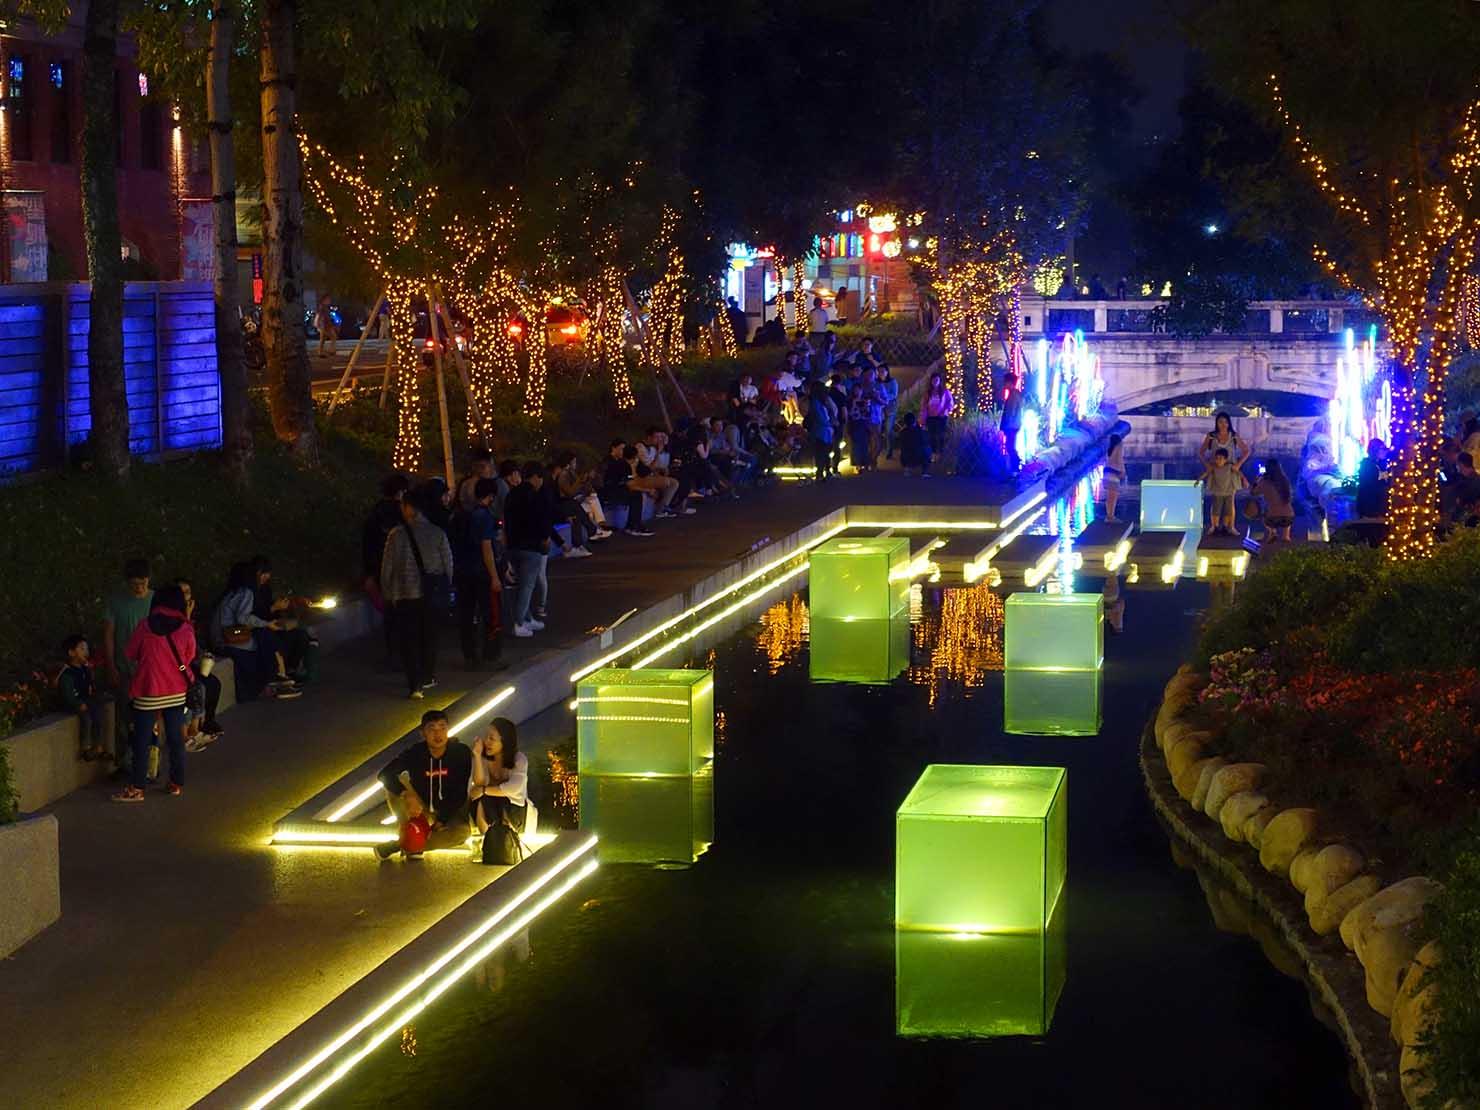 台中観光のおすすめスポット「綠川水岸廊道」の夜景